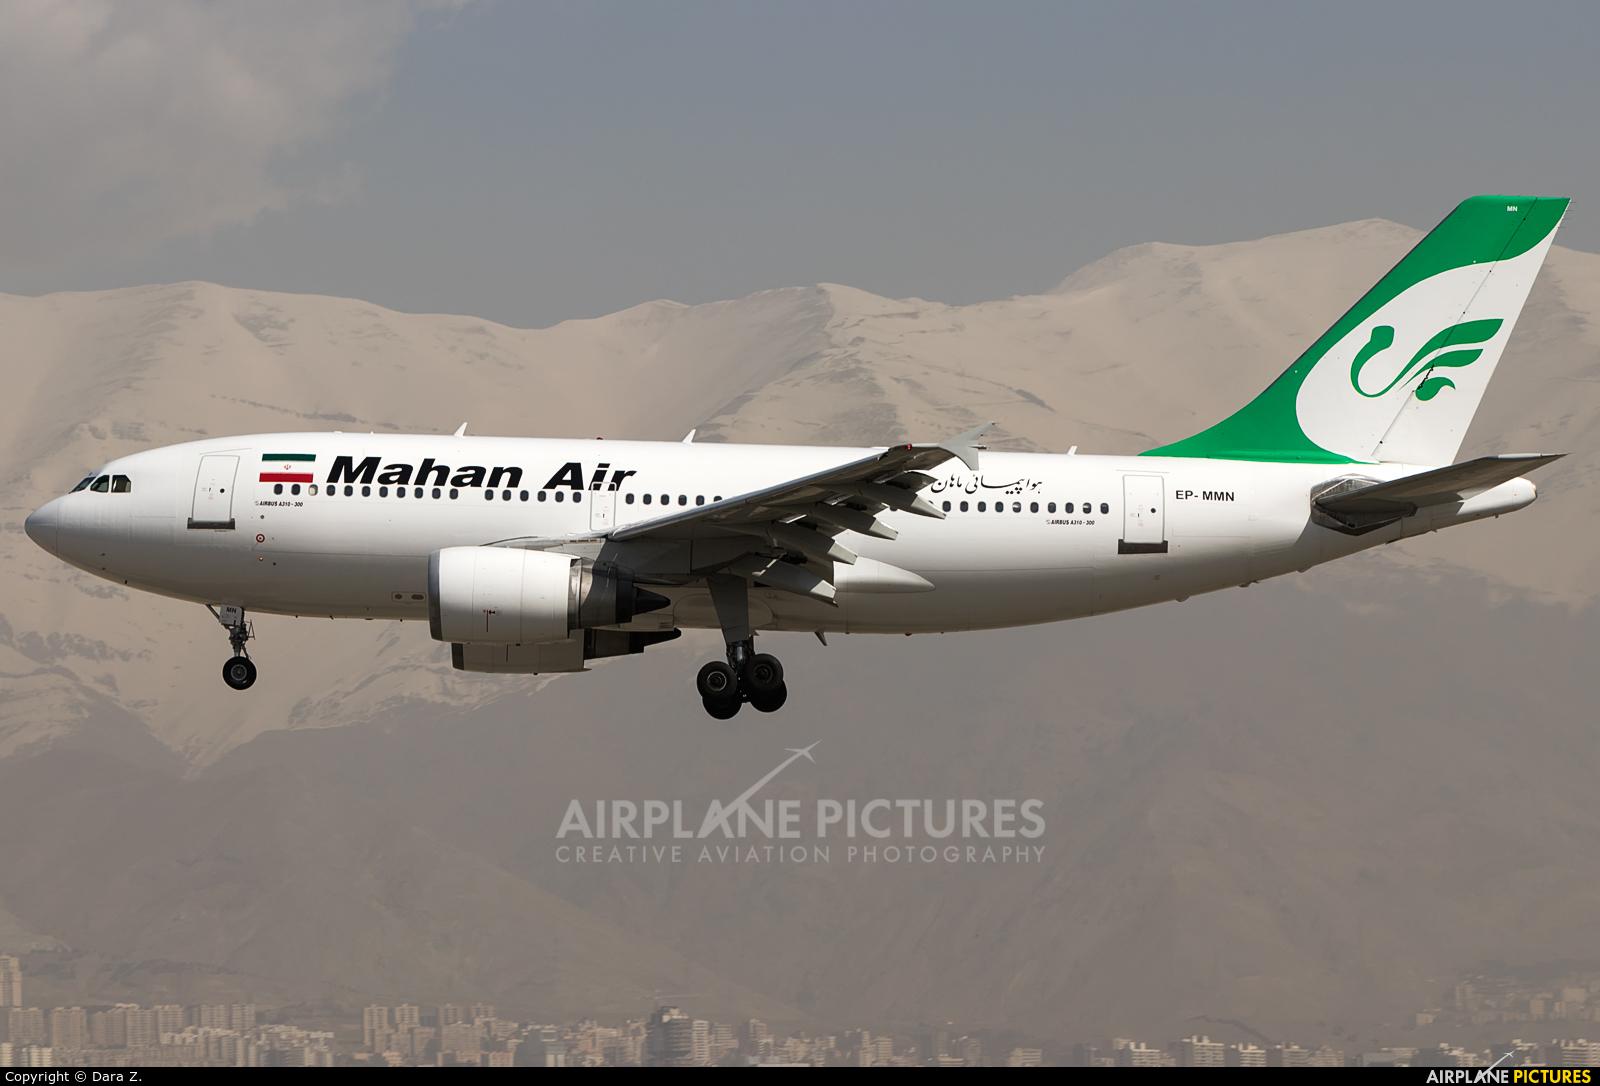 Mahan Air EP-MMN aircraft at Tehran - Mehrabad Intl